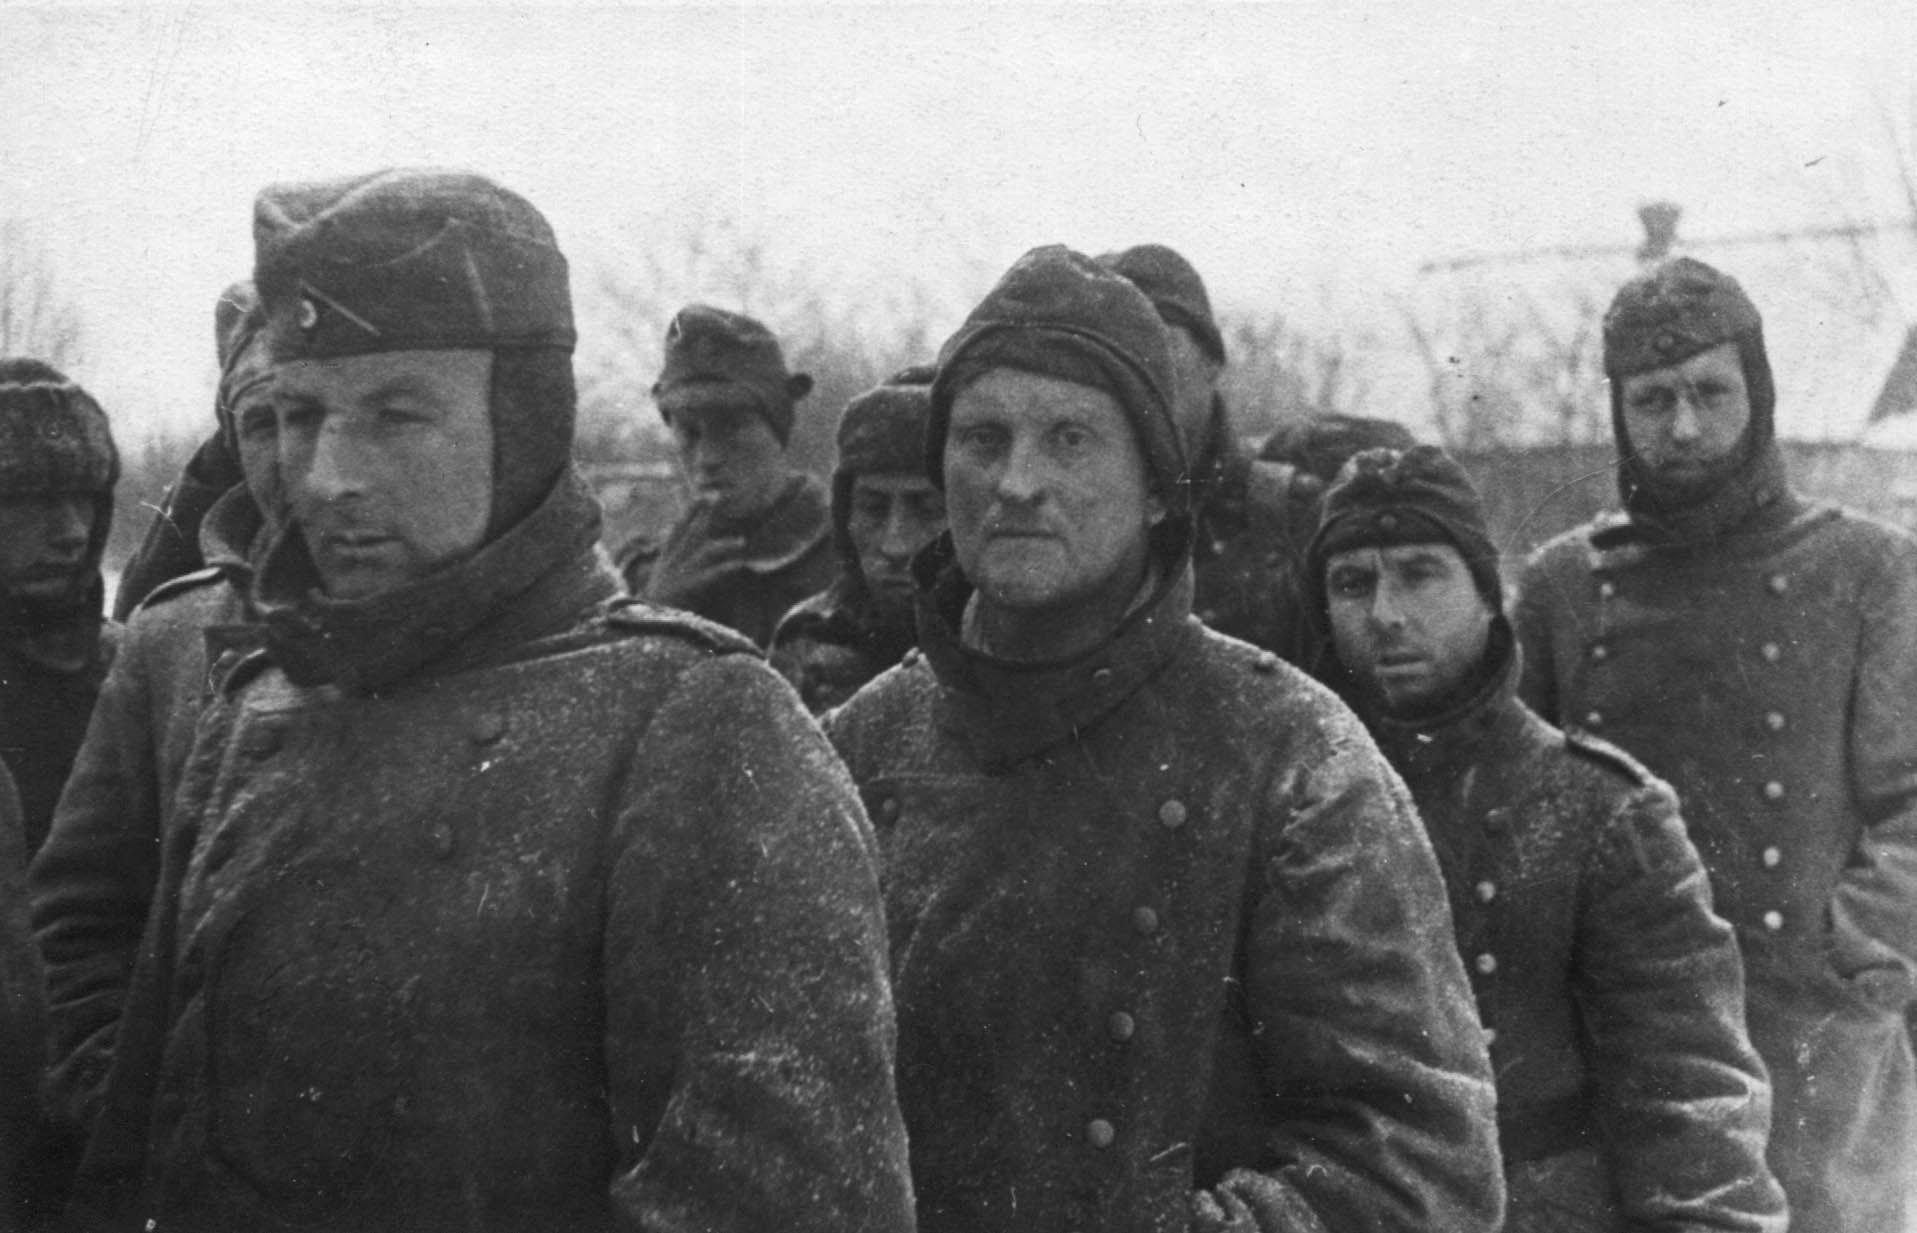 Экспонат #101. Группа пленных румын. Донбасс. 1942 год